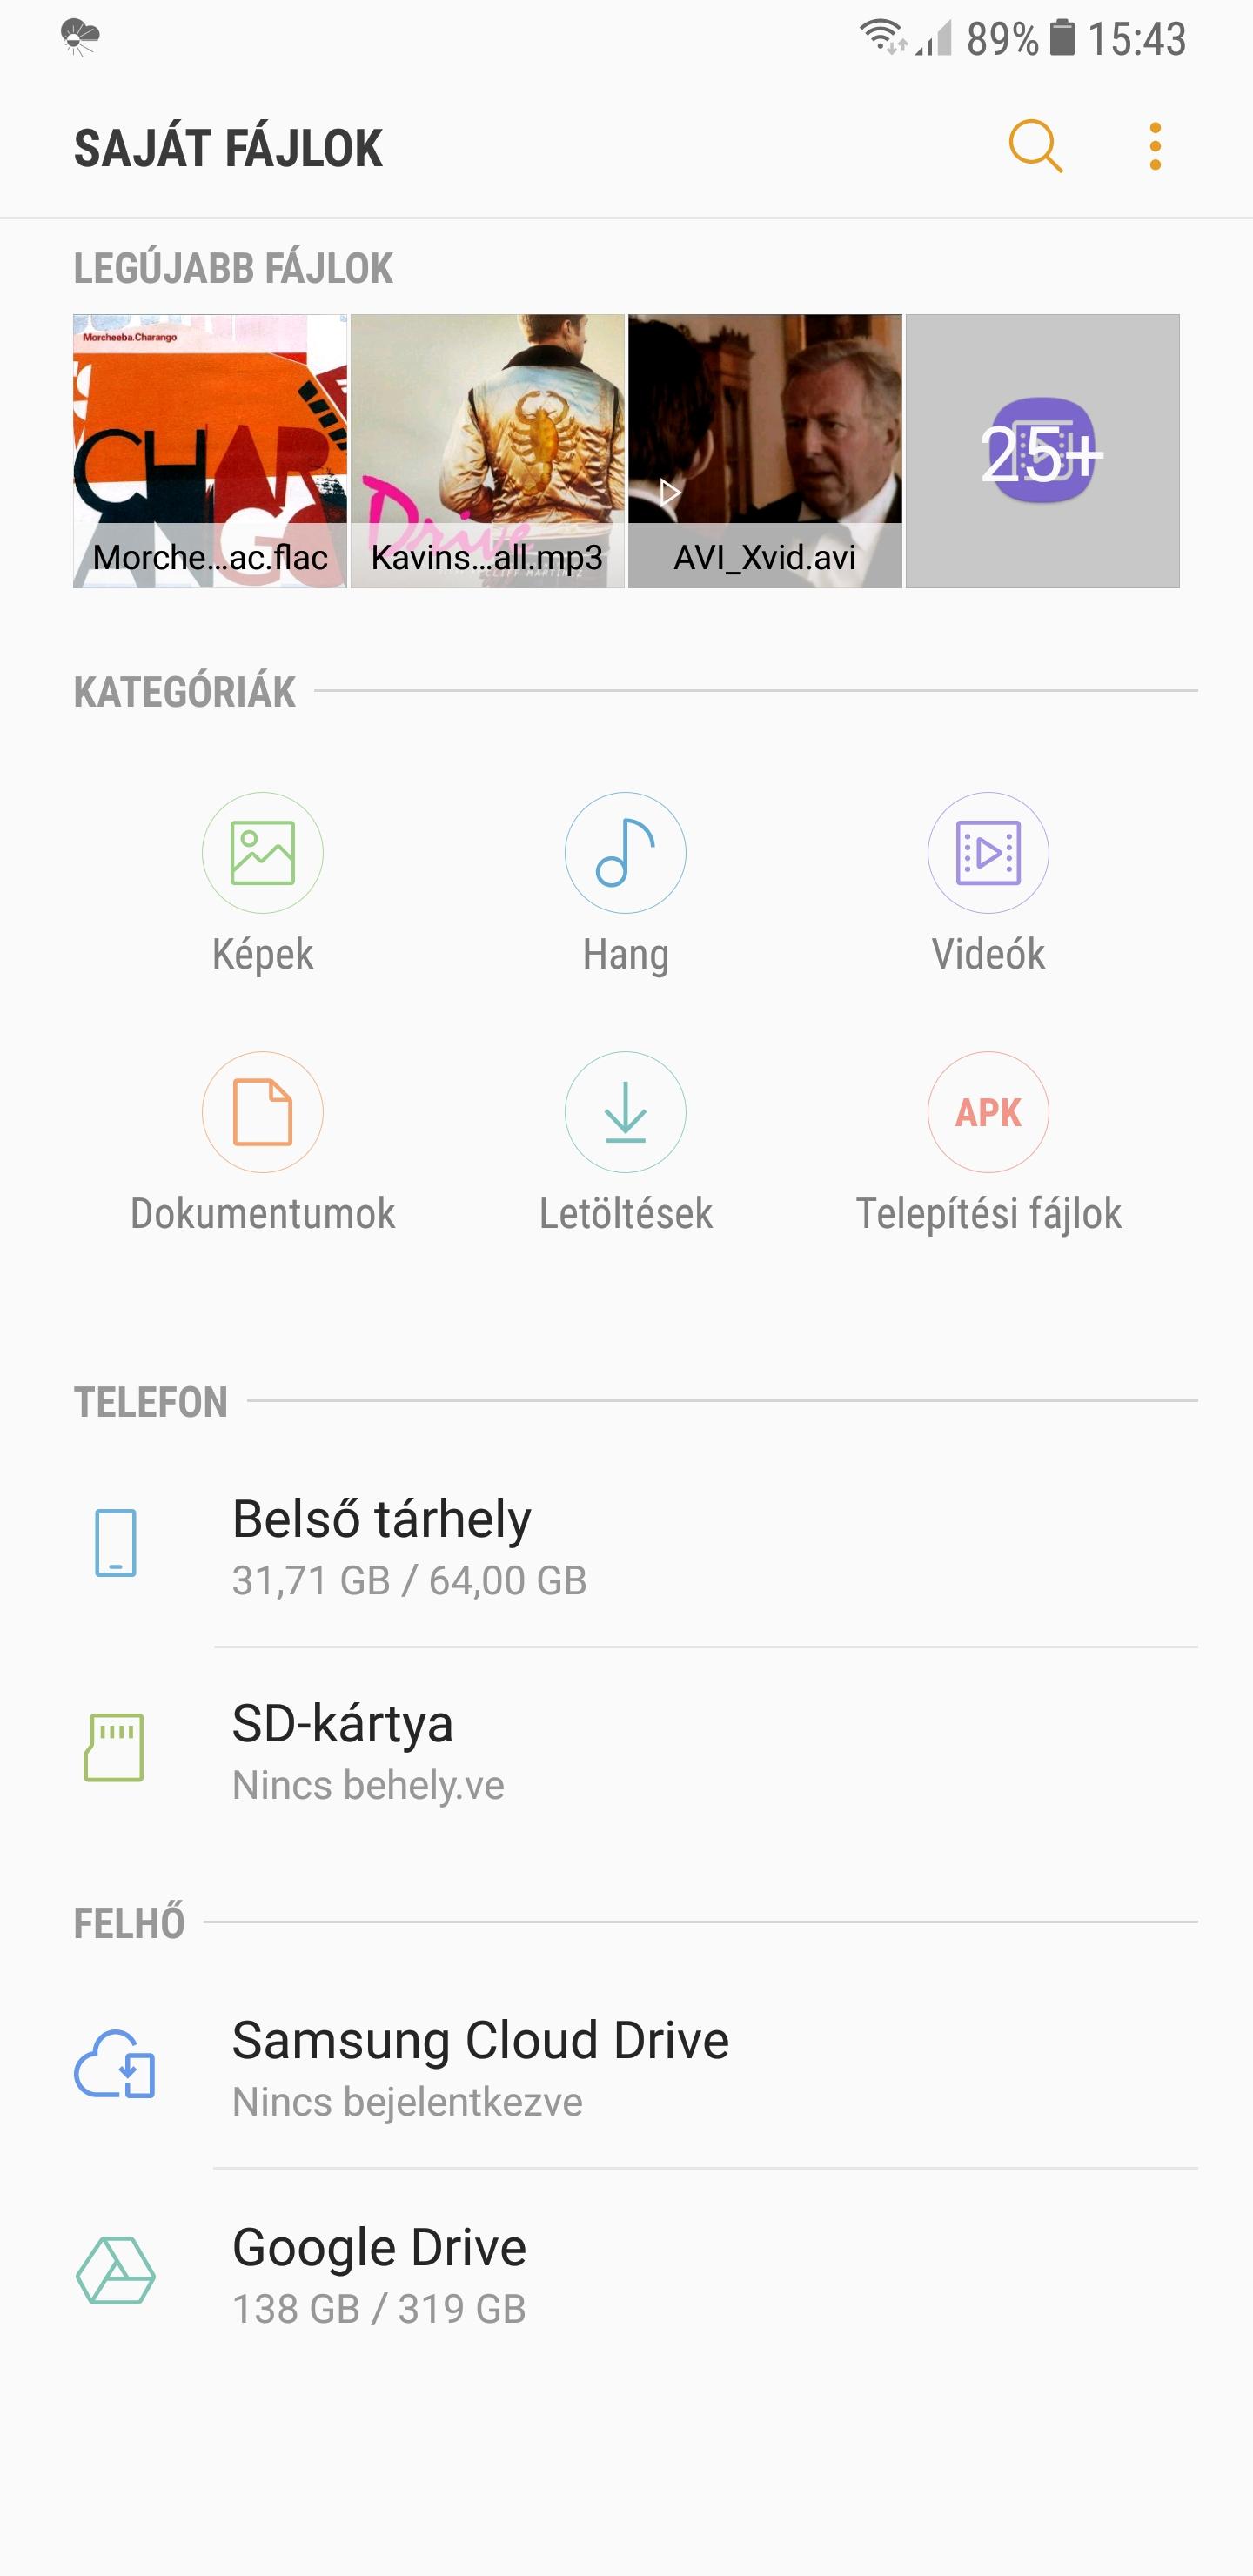 d57c99968a80 ... diagnosztizáló és a szervizzel kapcsolatot tartó alkalmazás. Ugyanitt  lehet a terméket regisztrálni és a friss Samsung híreket olvasni.